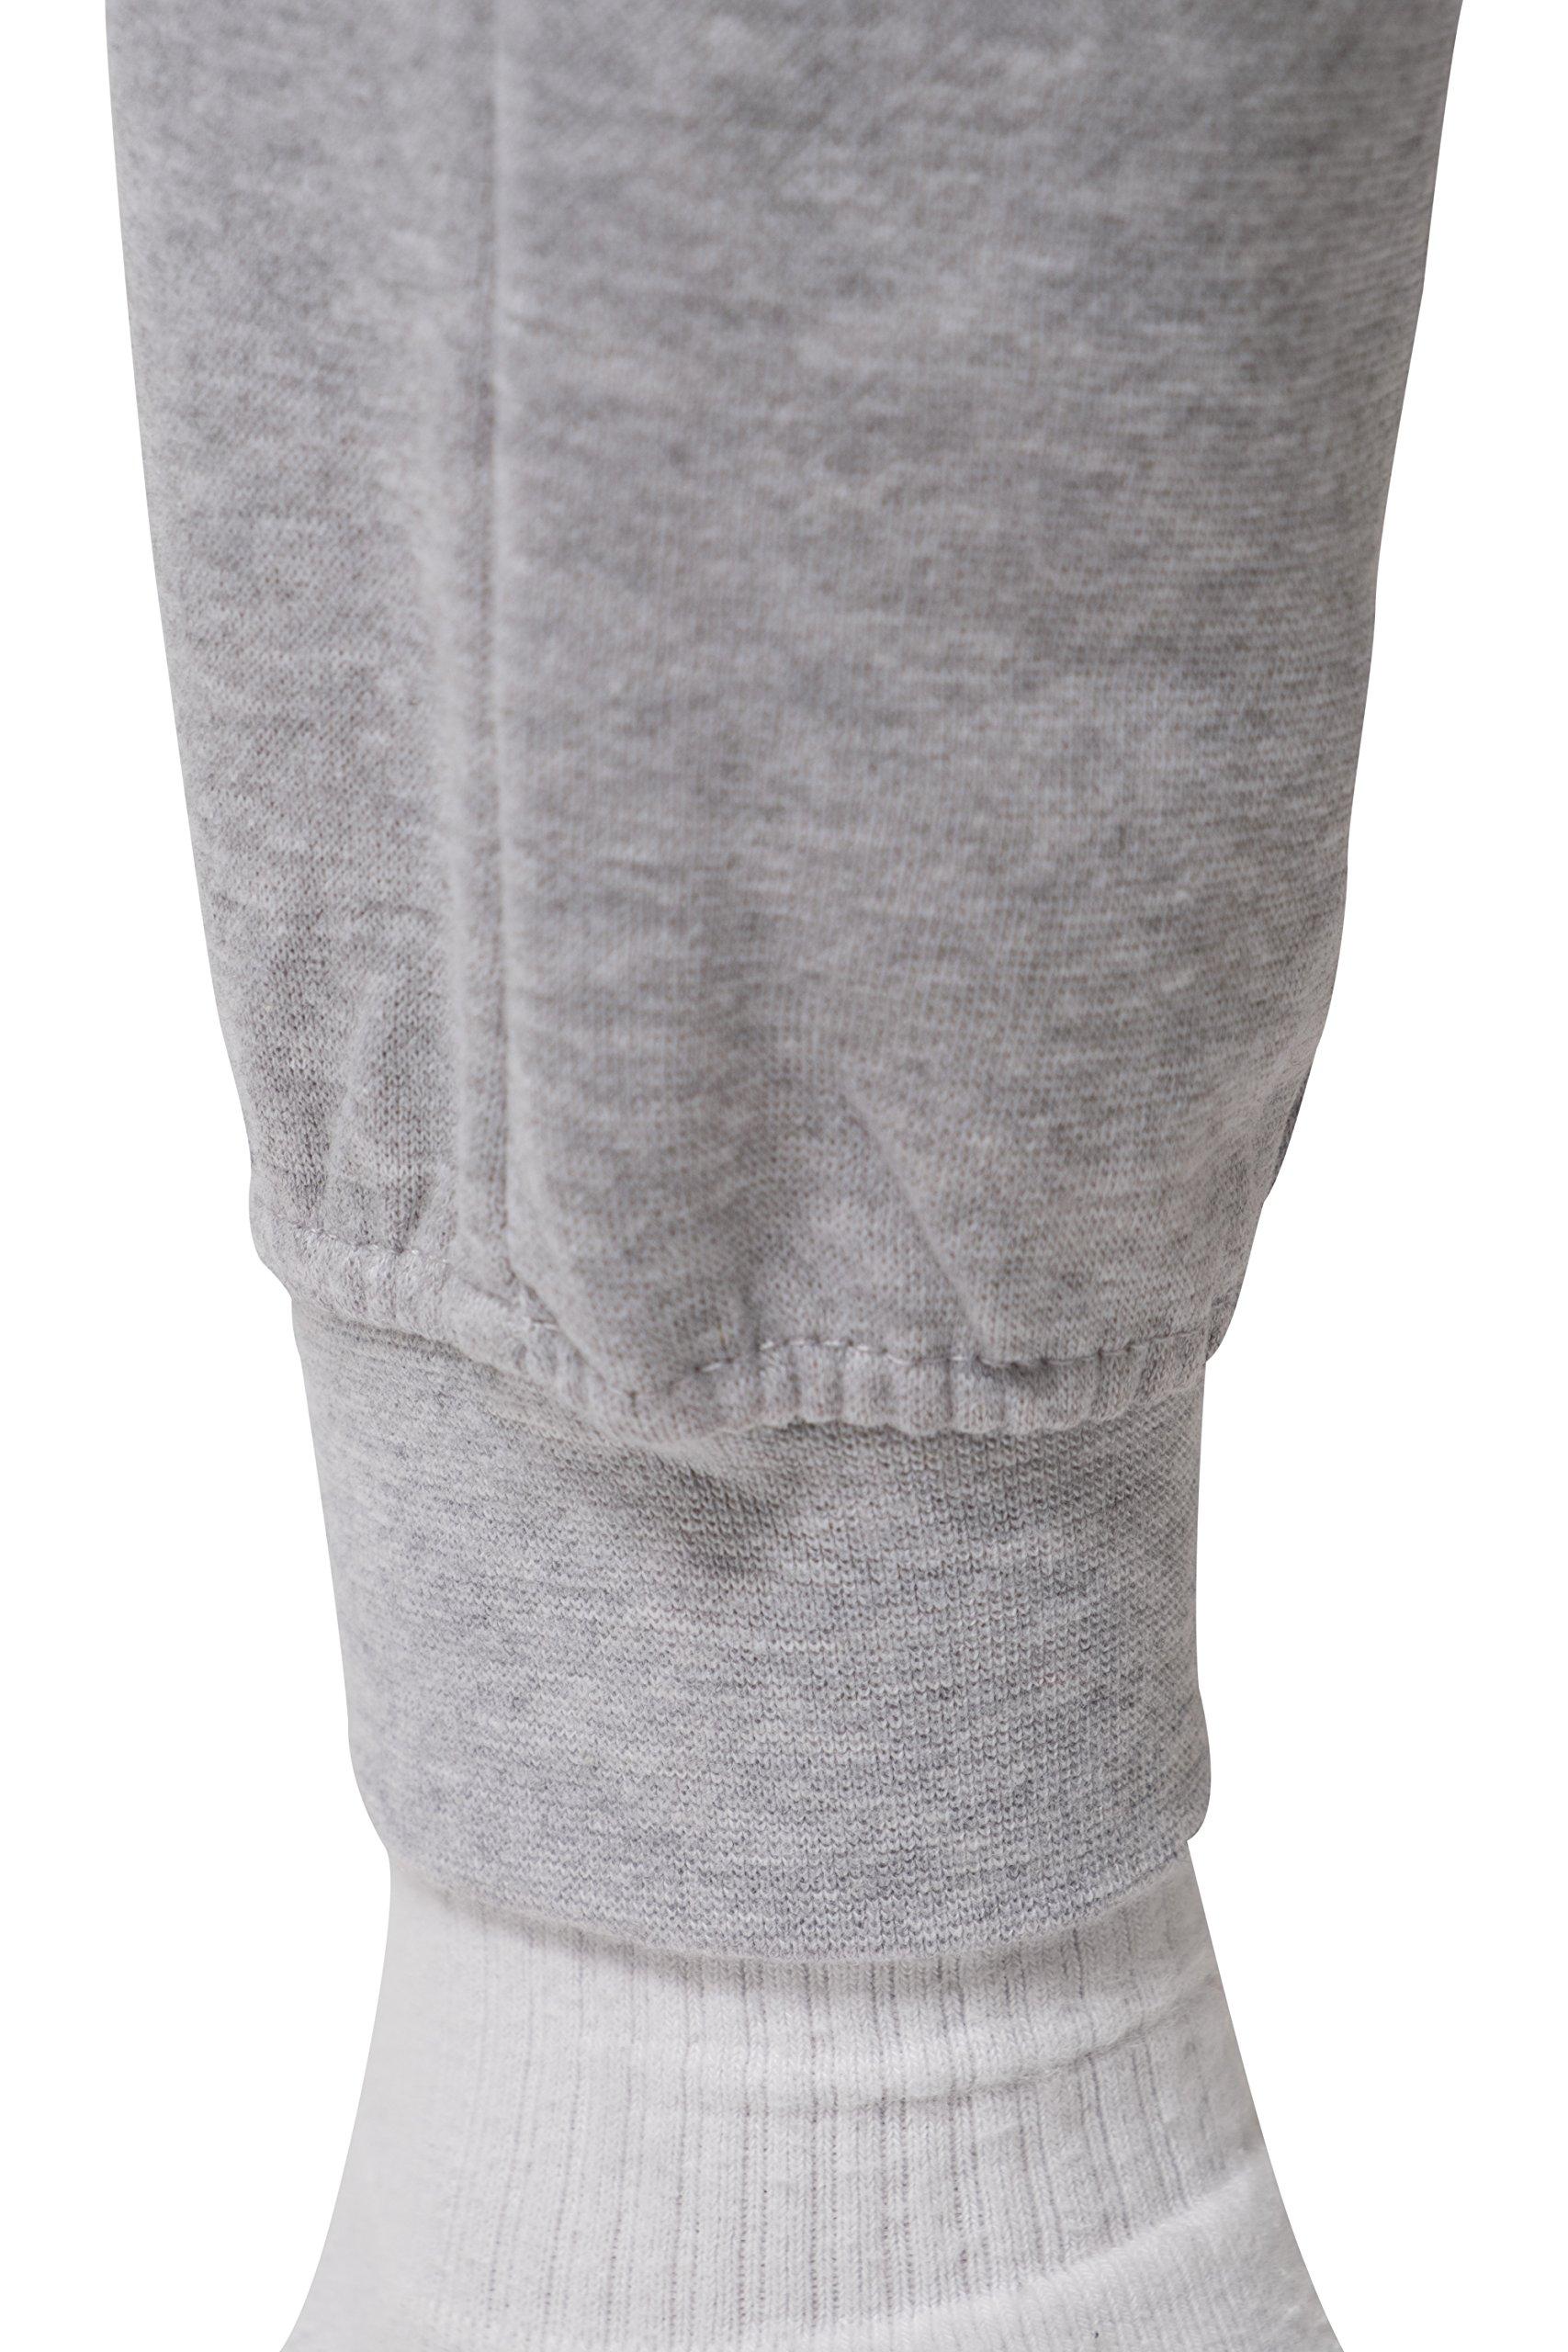 9fbd5bd5f NBA Miami Heat Men s Jogger Pants Active Basic Soft Terry Sweatpants ...